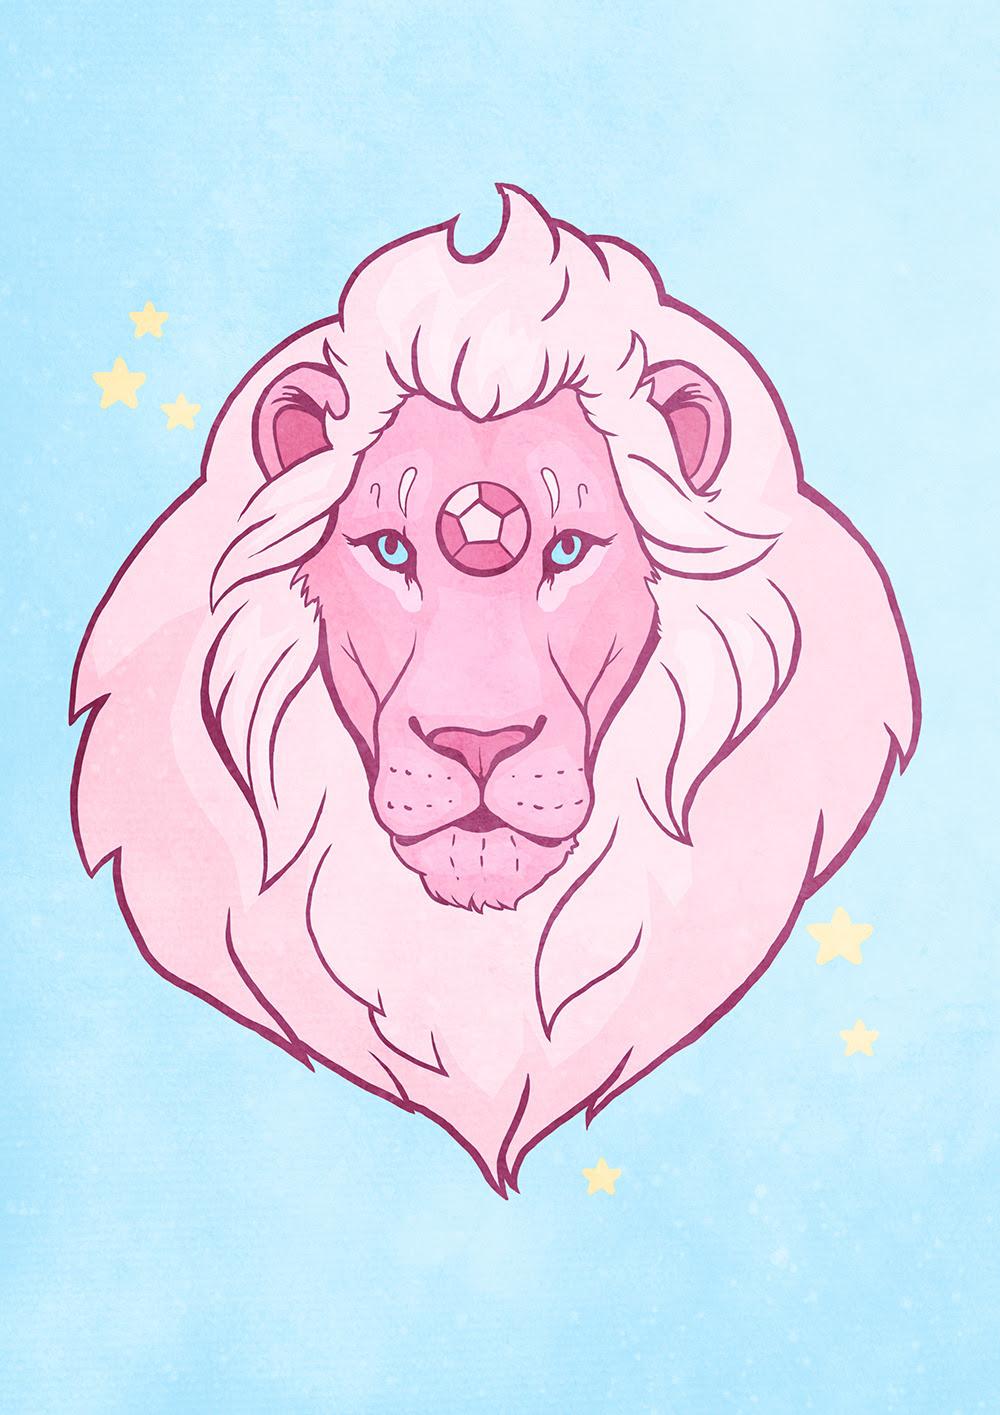 A bit of Steven Universe fan art.